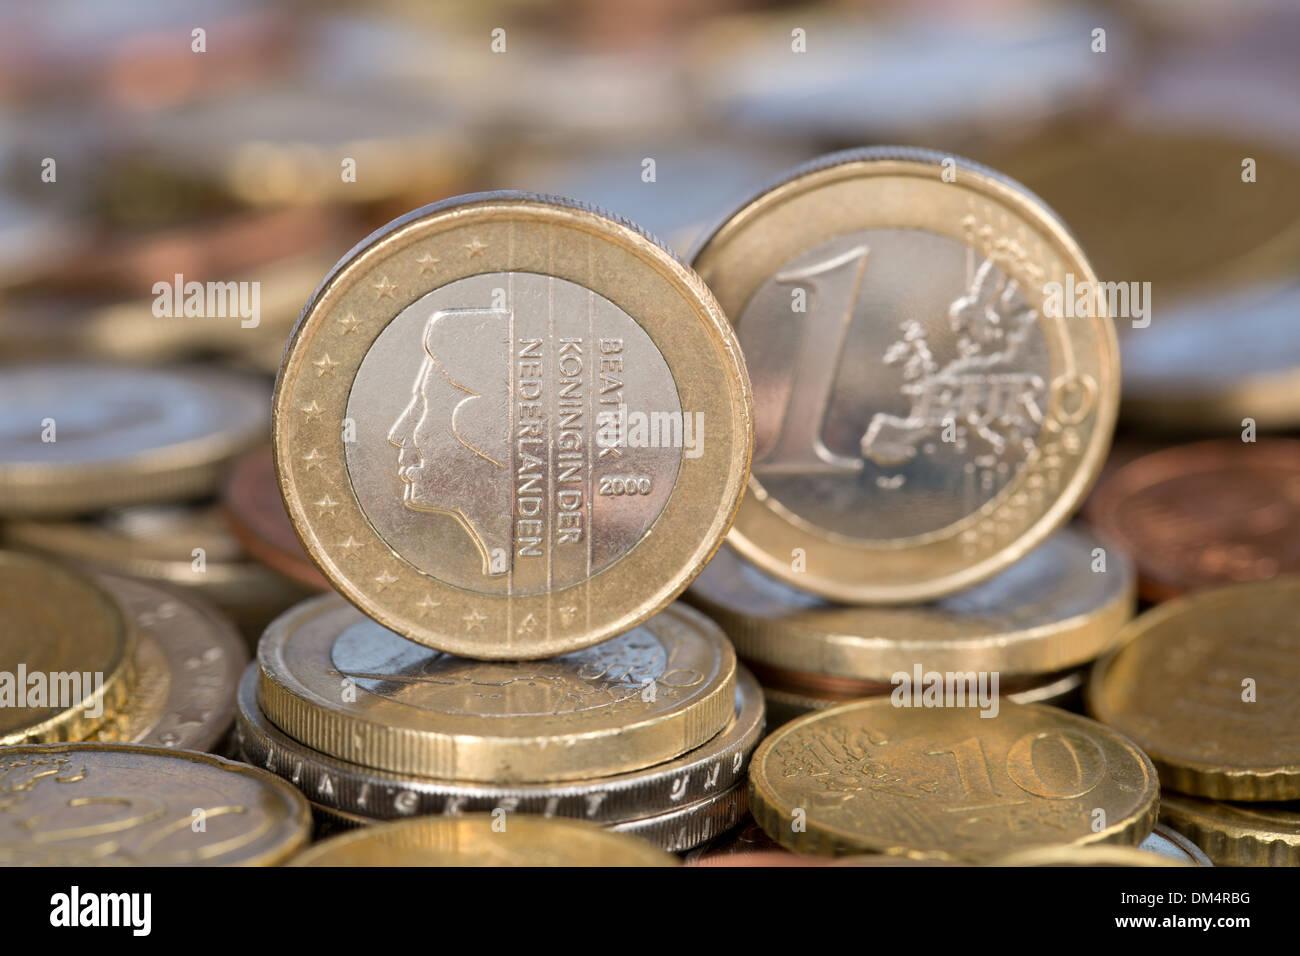 Ein Ein Euro Münze Aus Der Eu Mitglied Land Niederlande Mit Königin